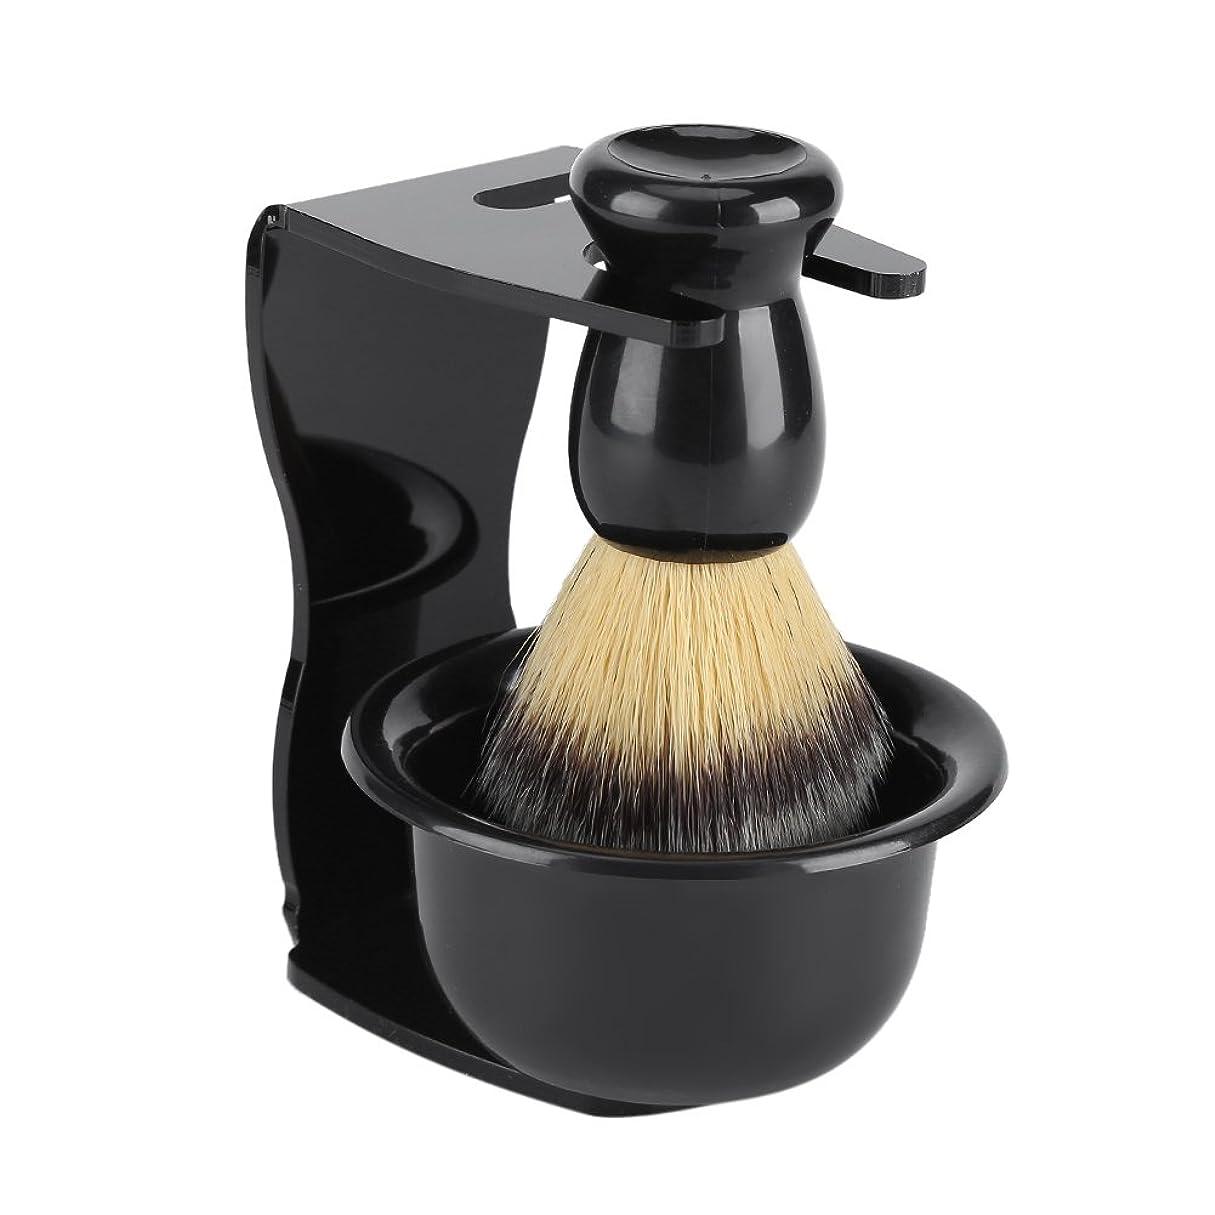 qiilu 【3点セット】シェービングブラシセット 洗顔ブラシ シェービング石鹸ボウル 剃刀スタンド ステンレススチール製 柔らかい 髭剃り 泡立ち 男性 ギフト理容